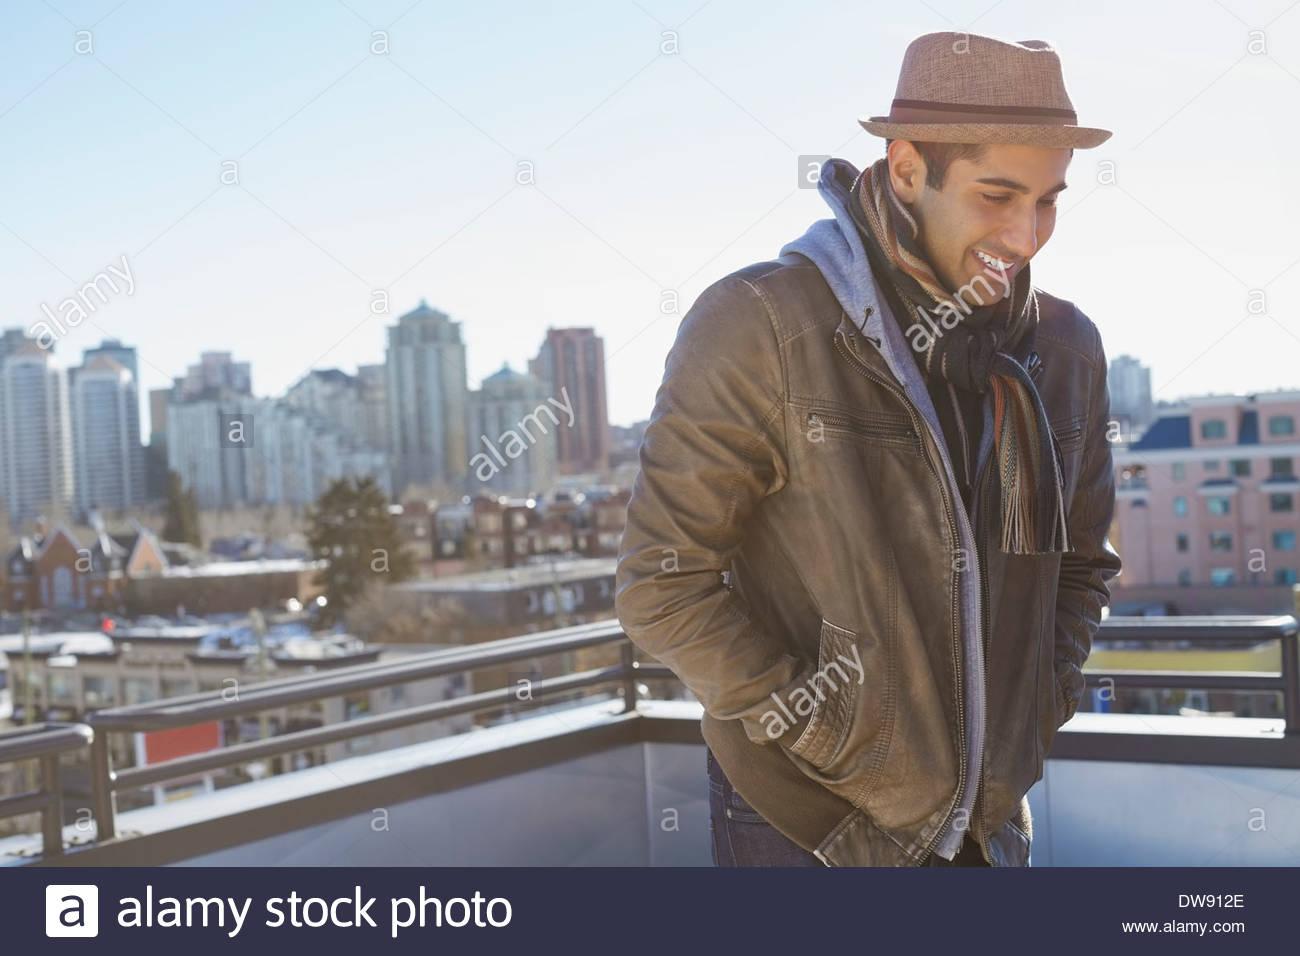 Hombre de pie afuera contra el paisaje urbano Imagen De Stock